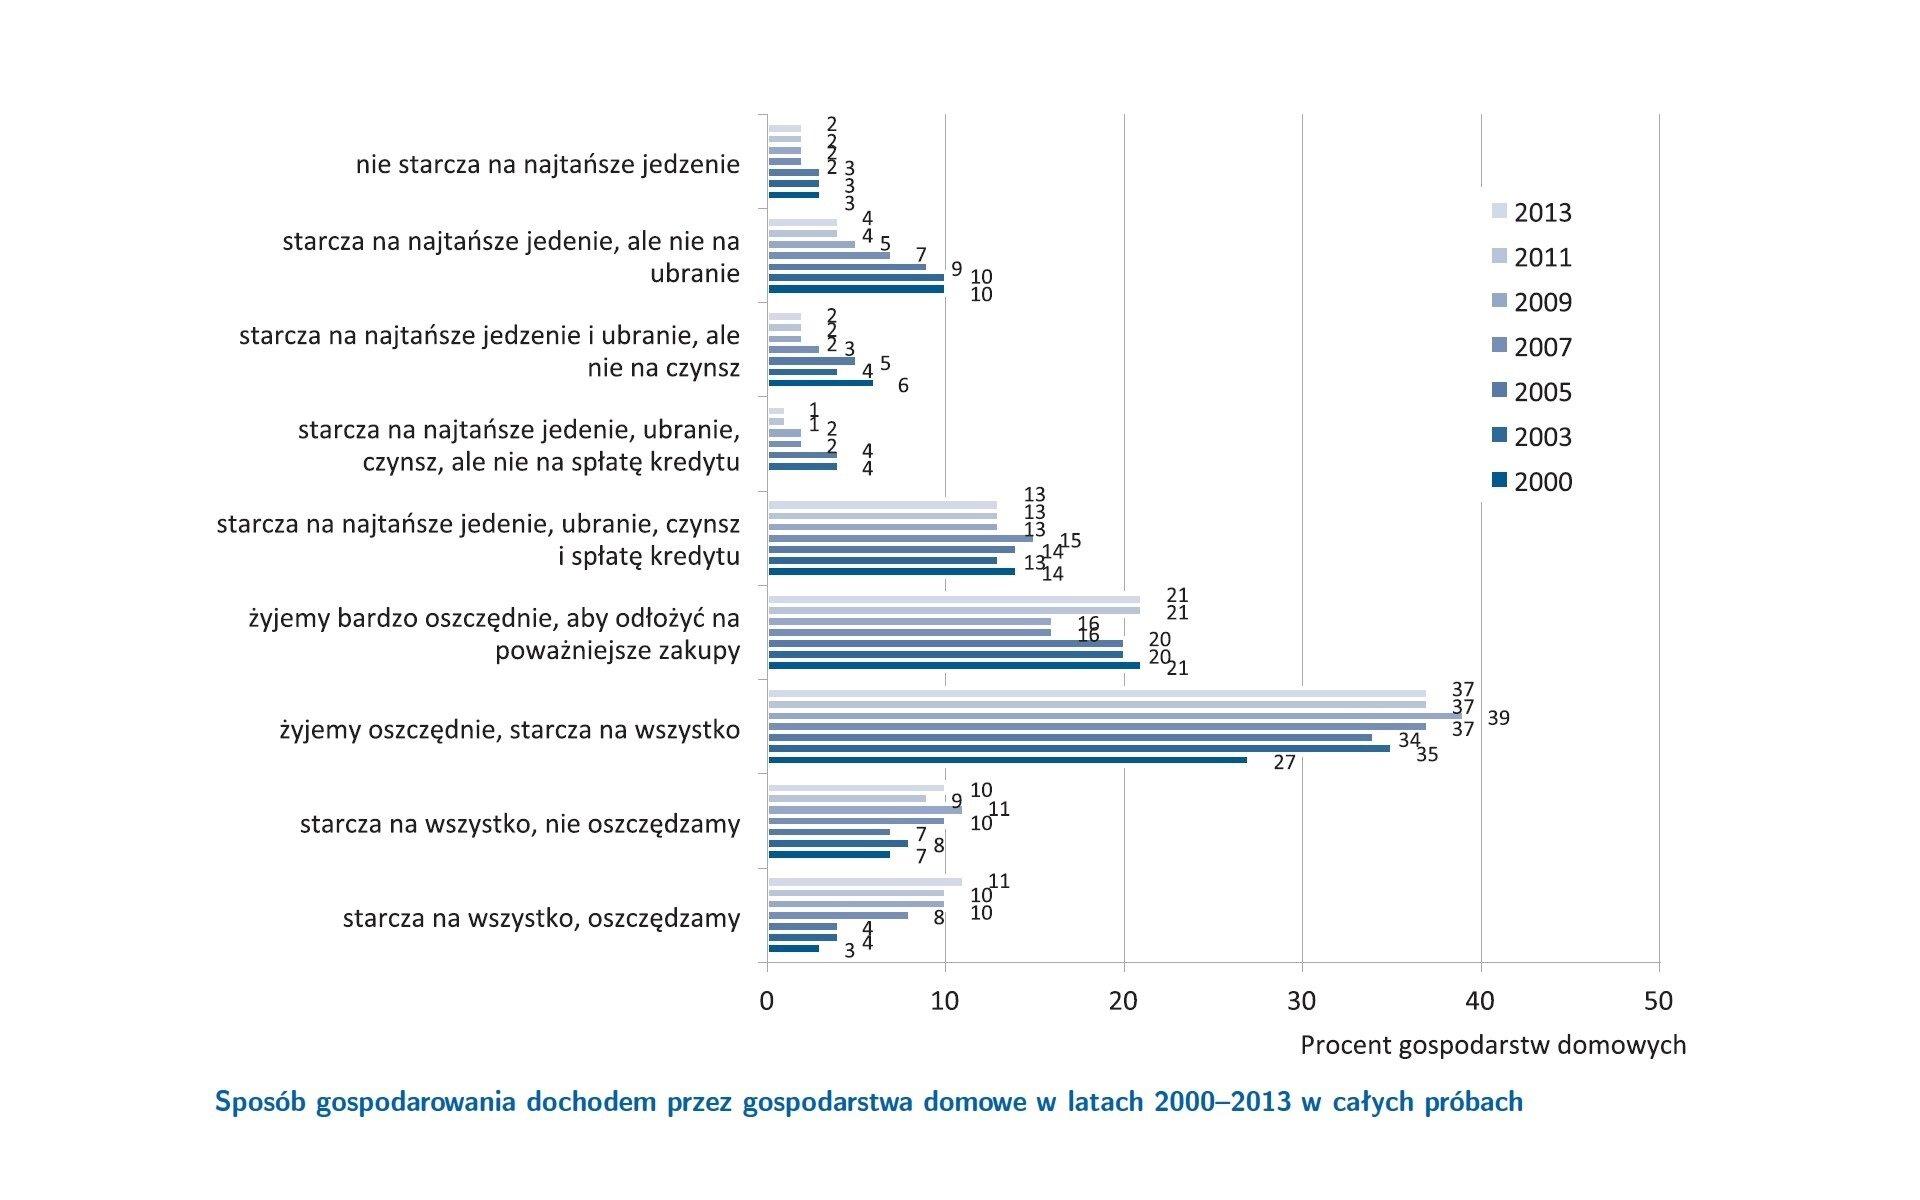 Wykres przedstawiający sposób gospodarowania dochodami wgospodarstwach domowych